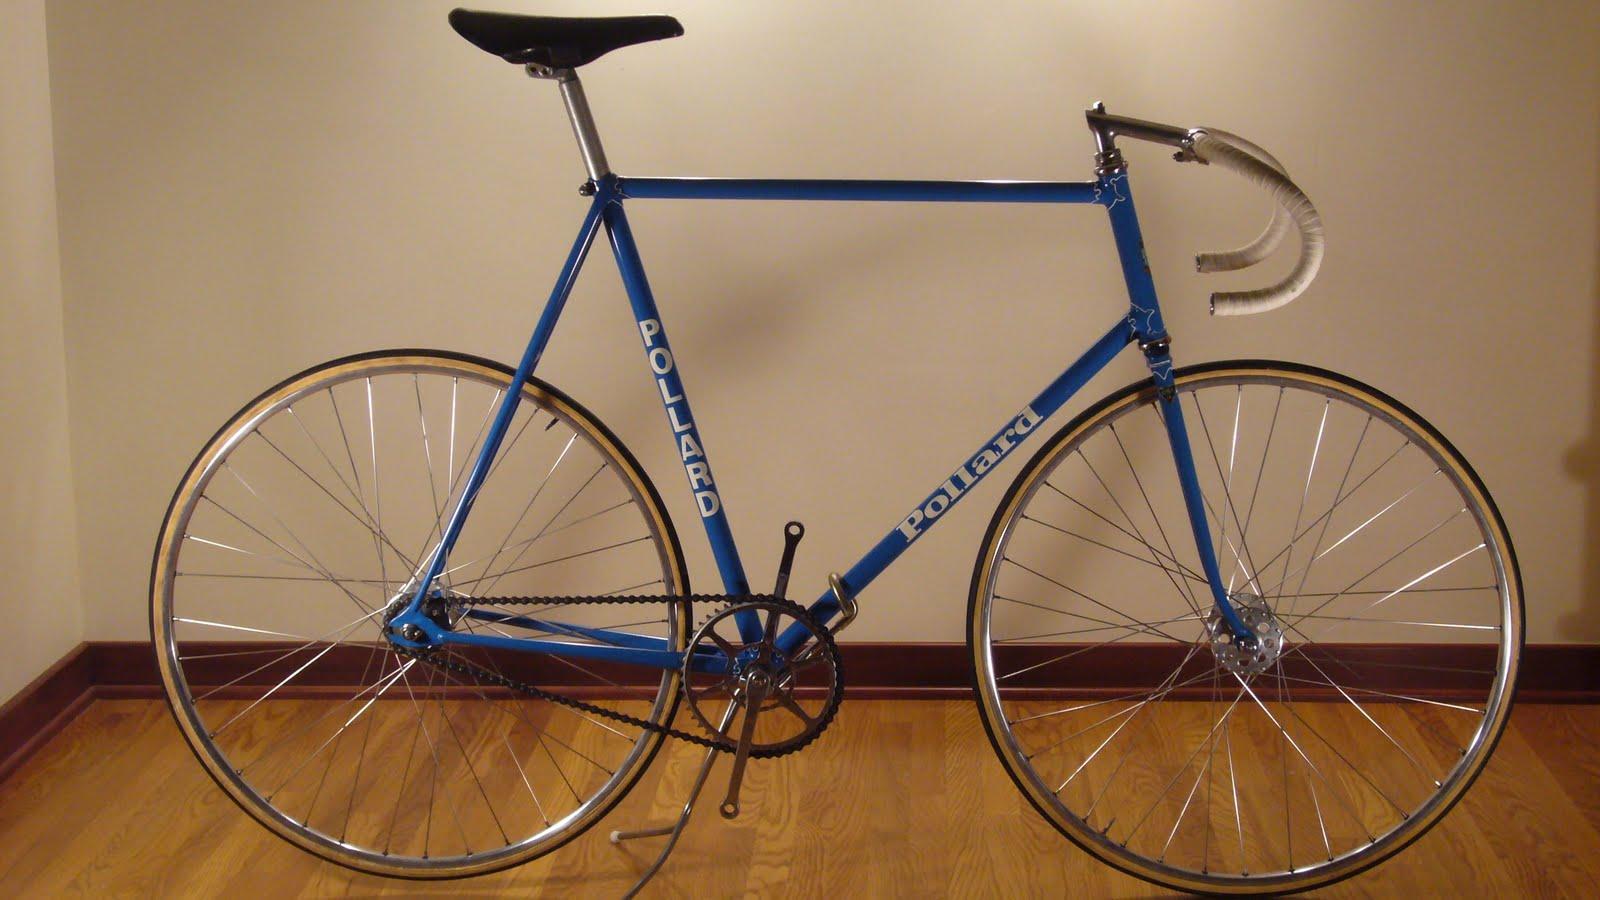 Bicycle track vintage has